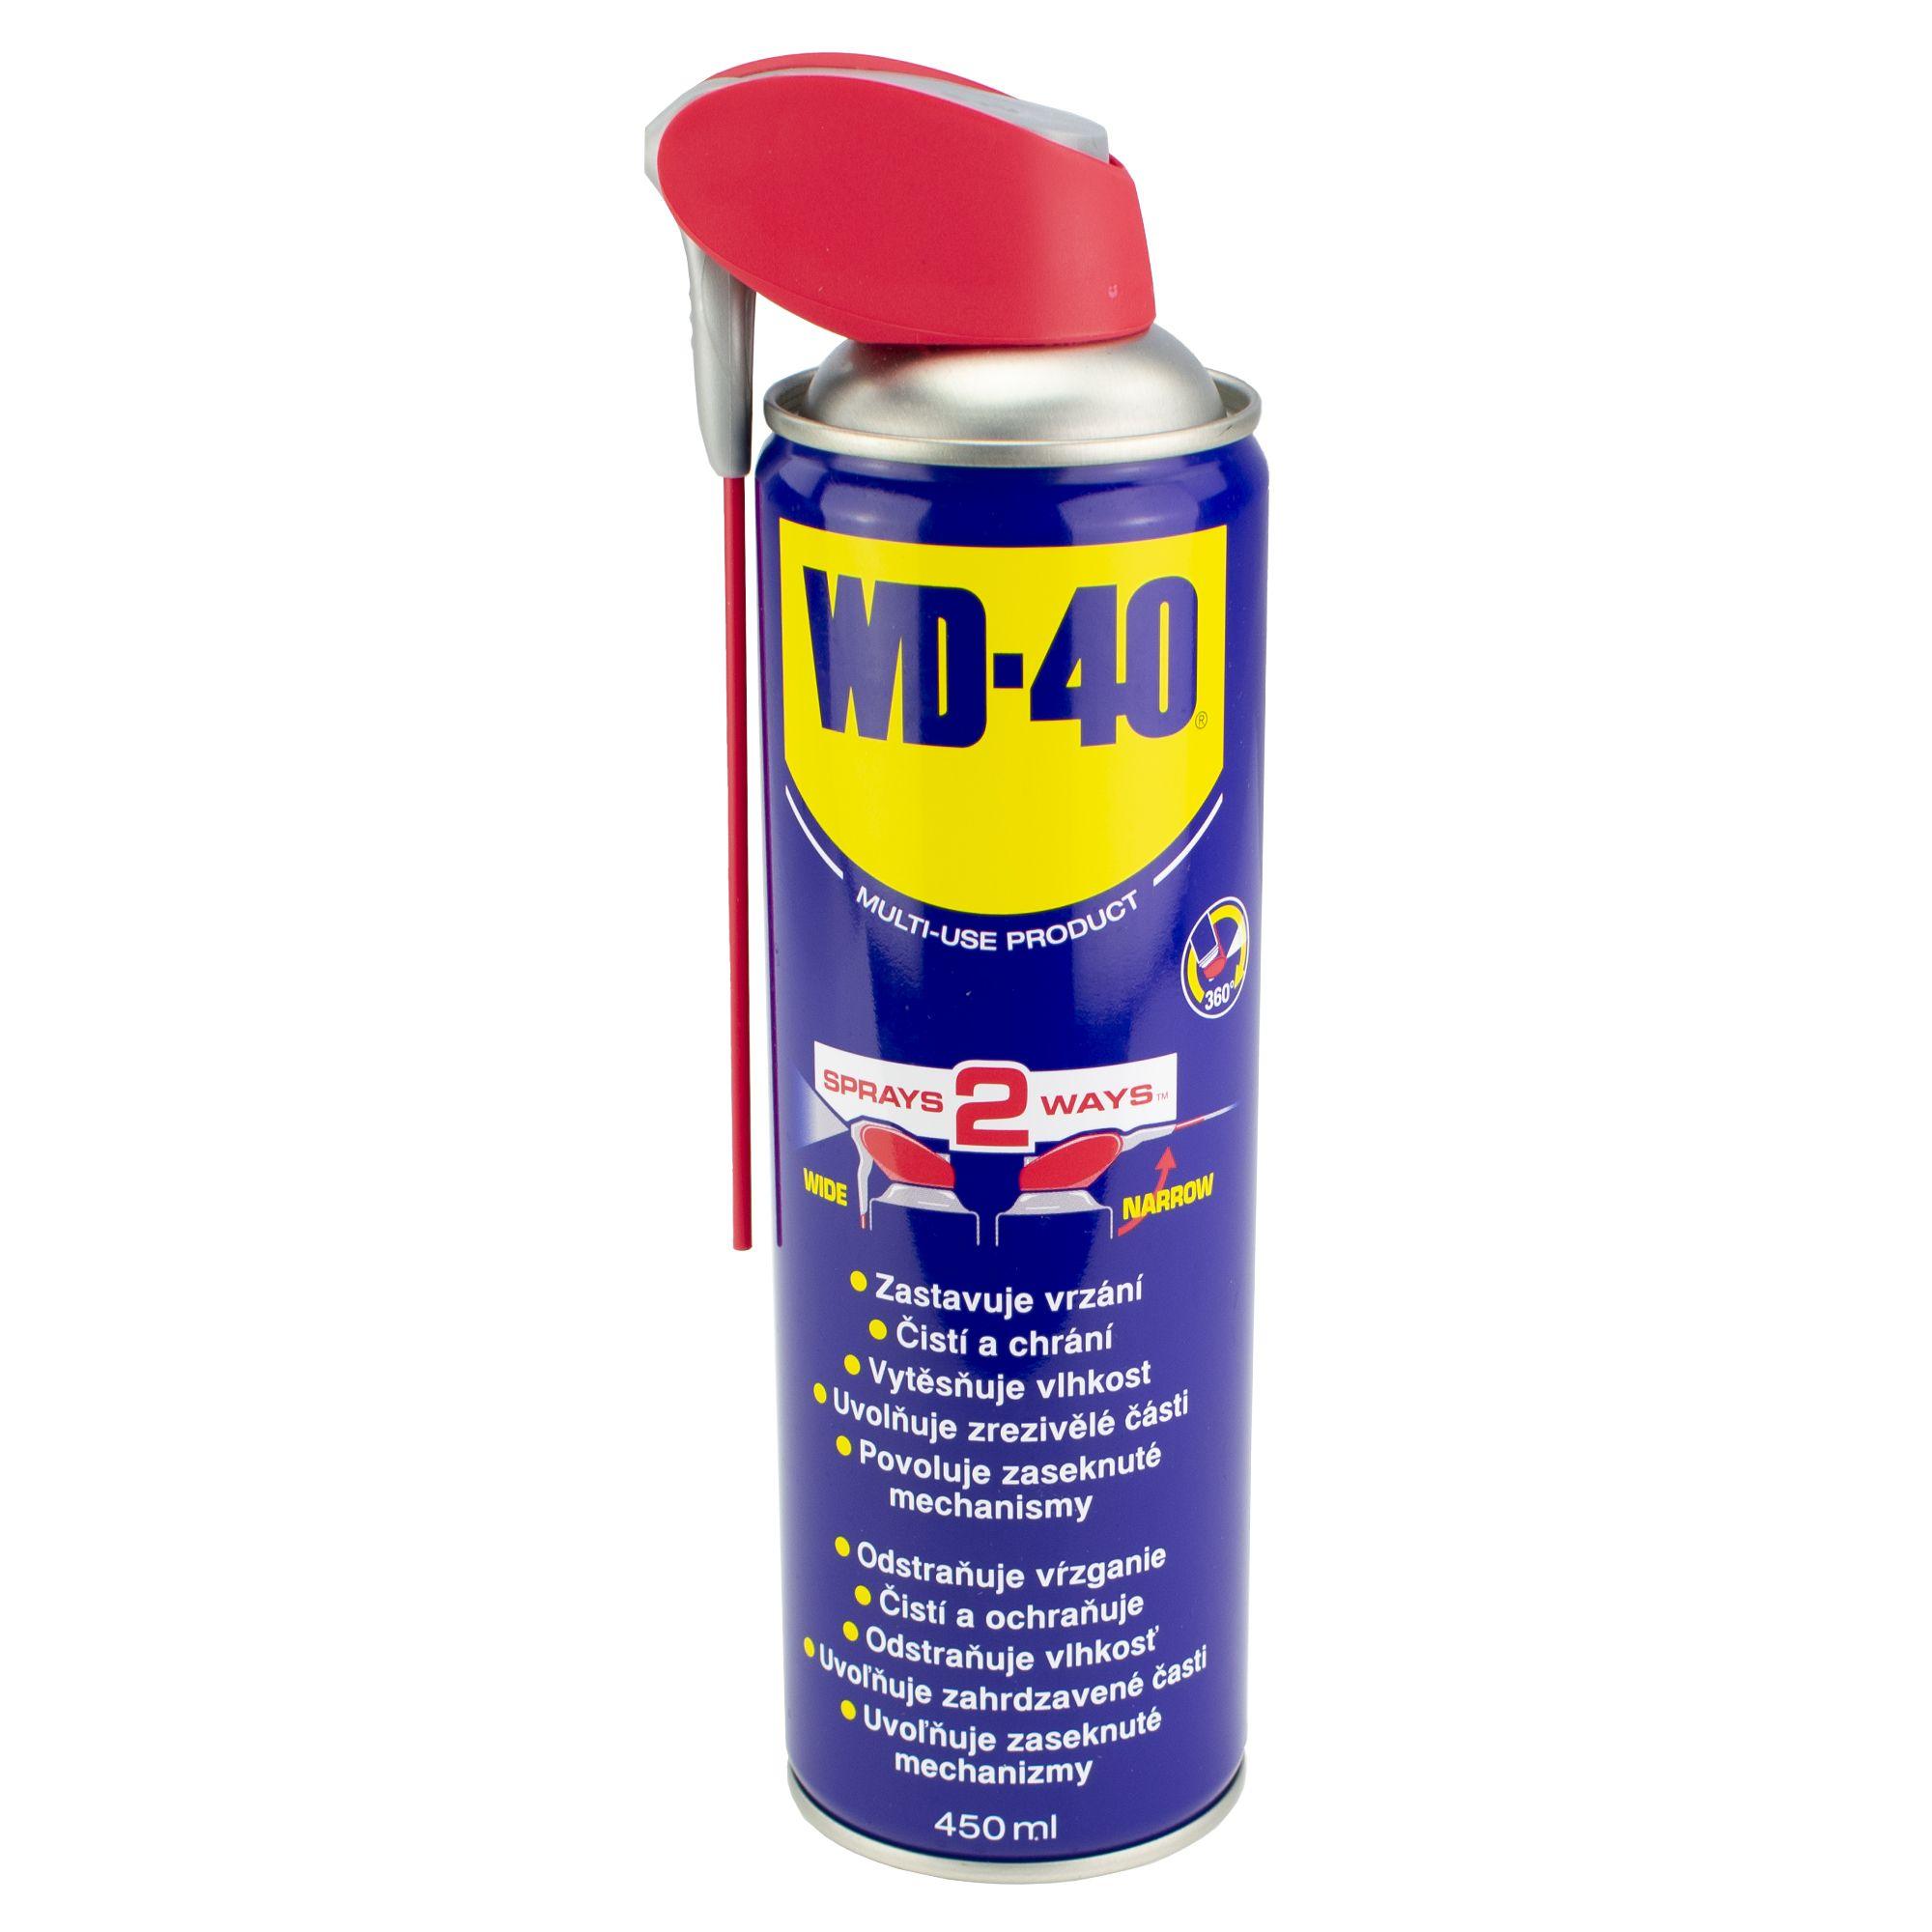 WD-40 univerzální mazací olej, objem 450ml, Smart Straw